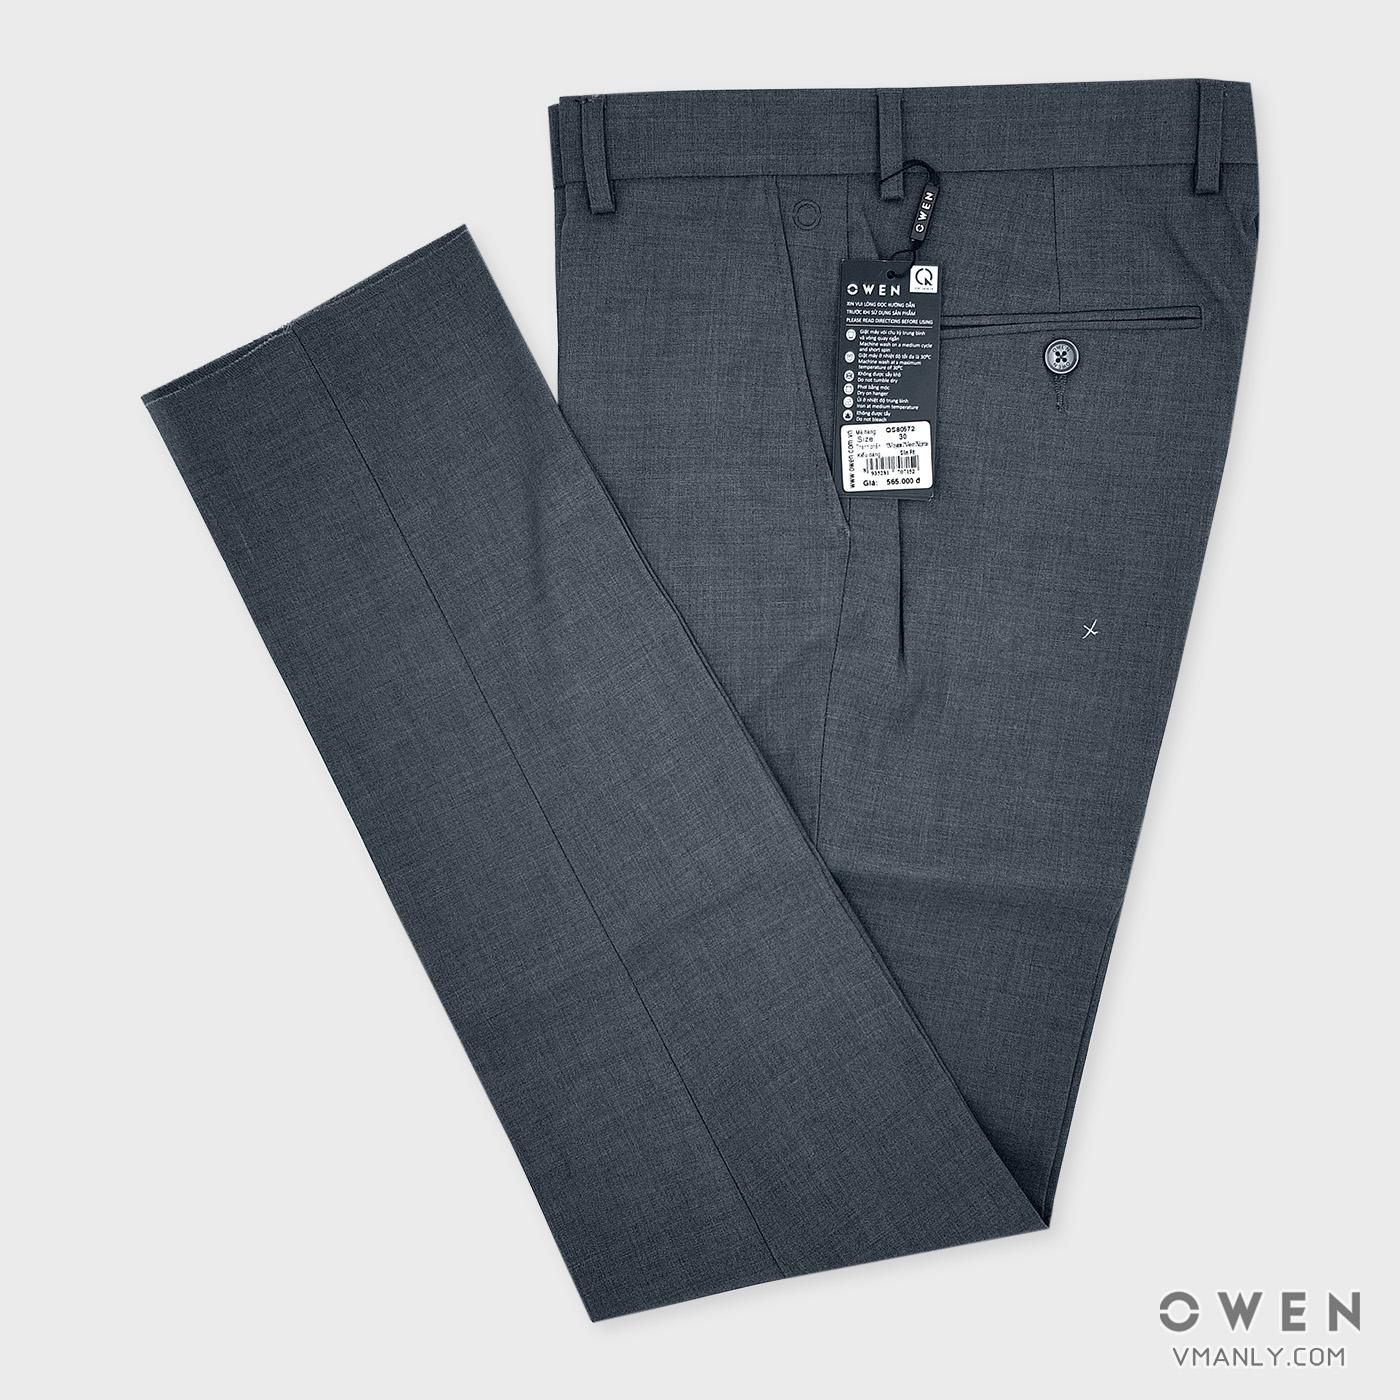 Quần tây Owen không li slim fit màu xám lông chuột QS80572